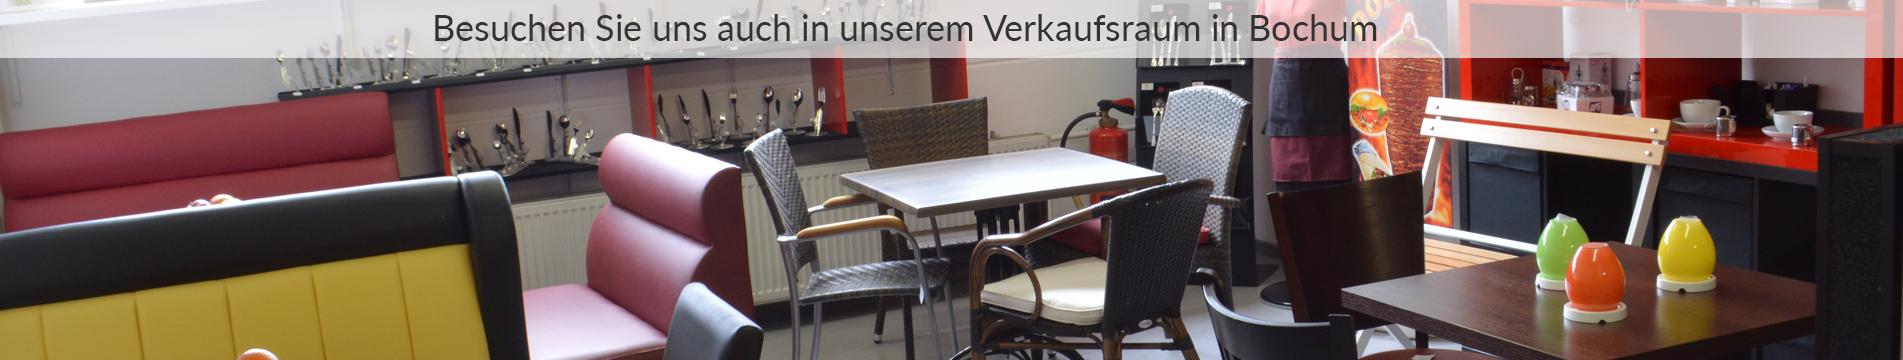 mbel gastronomie simple zur ue with mbel gastronomie. Black Bedroom Furniture Sets. Home Design Ideas